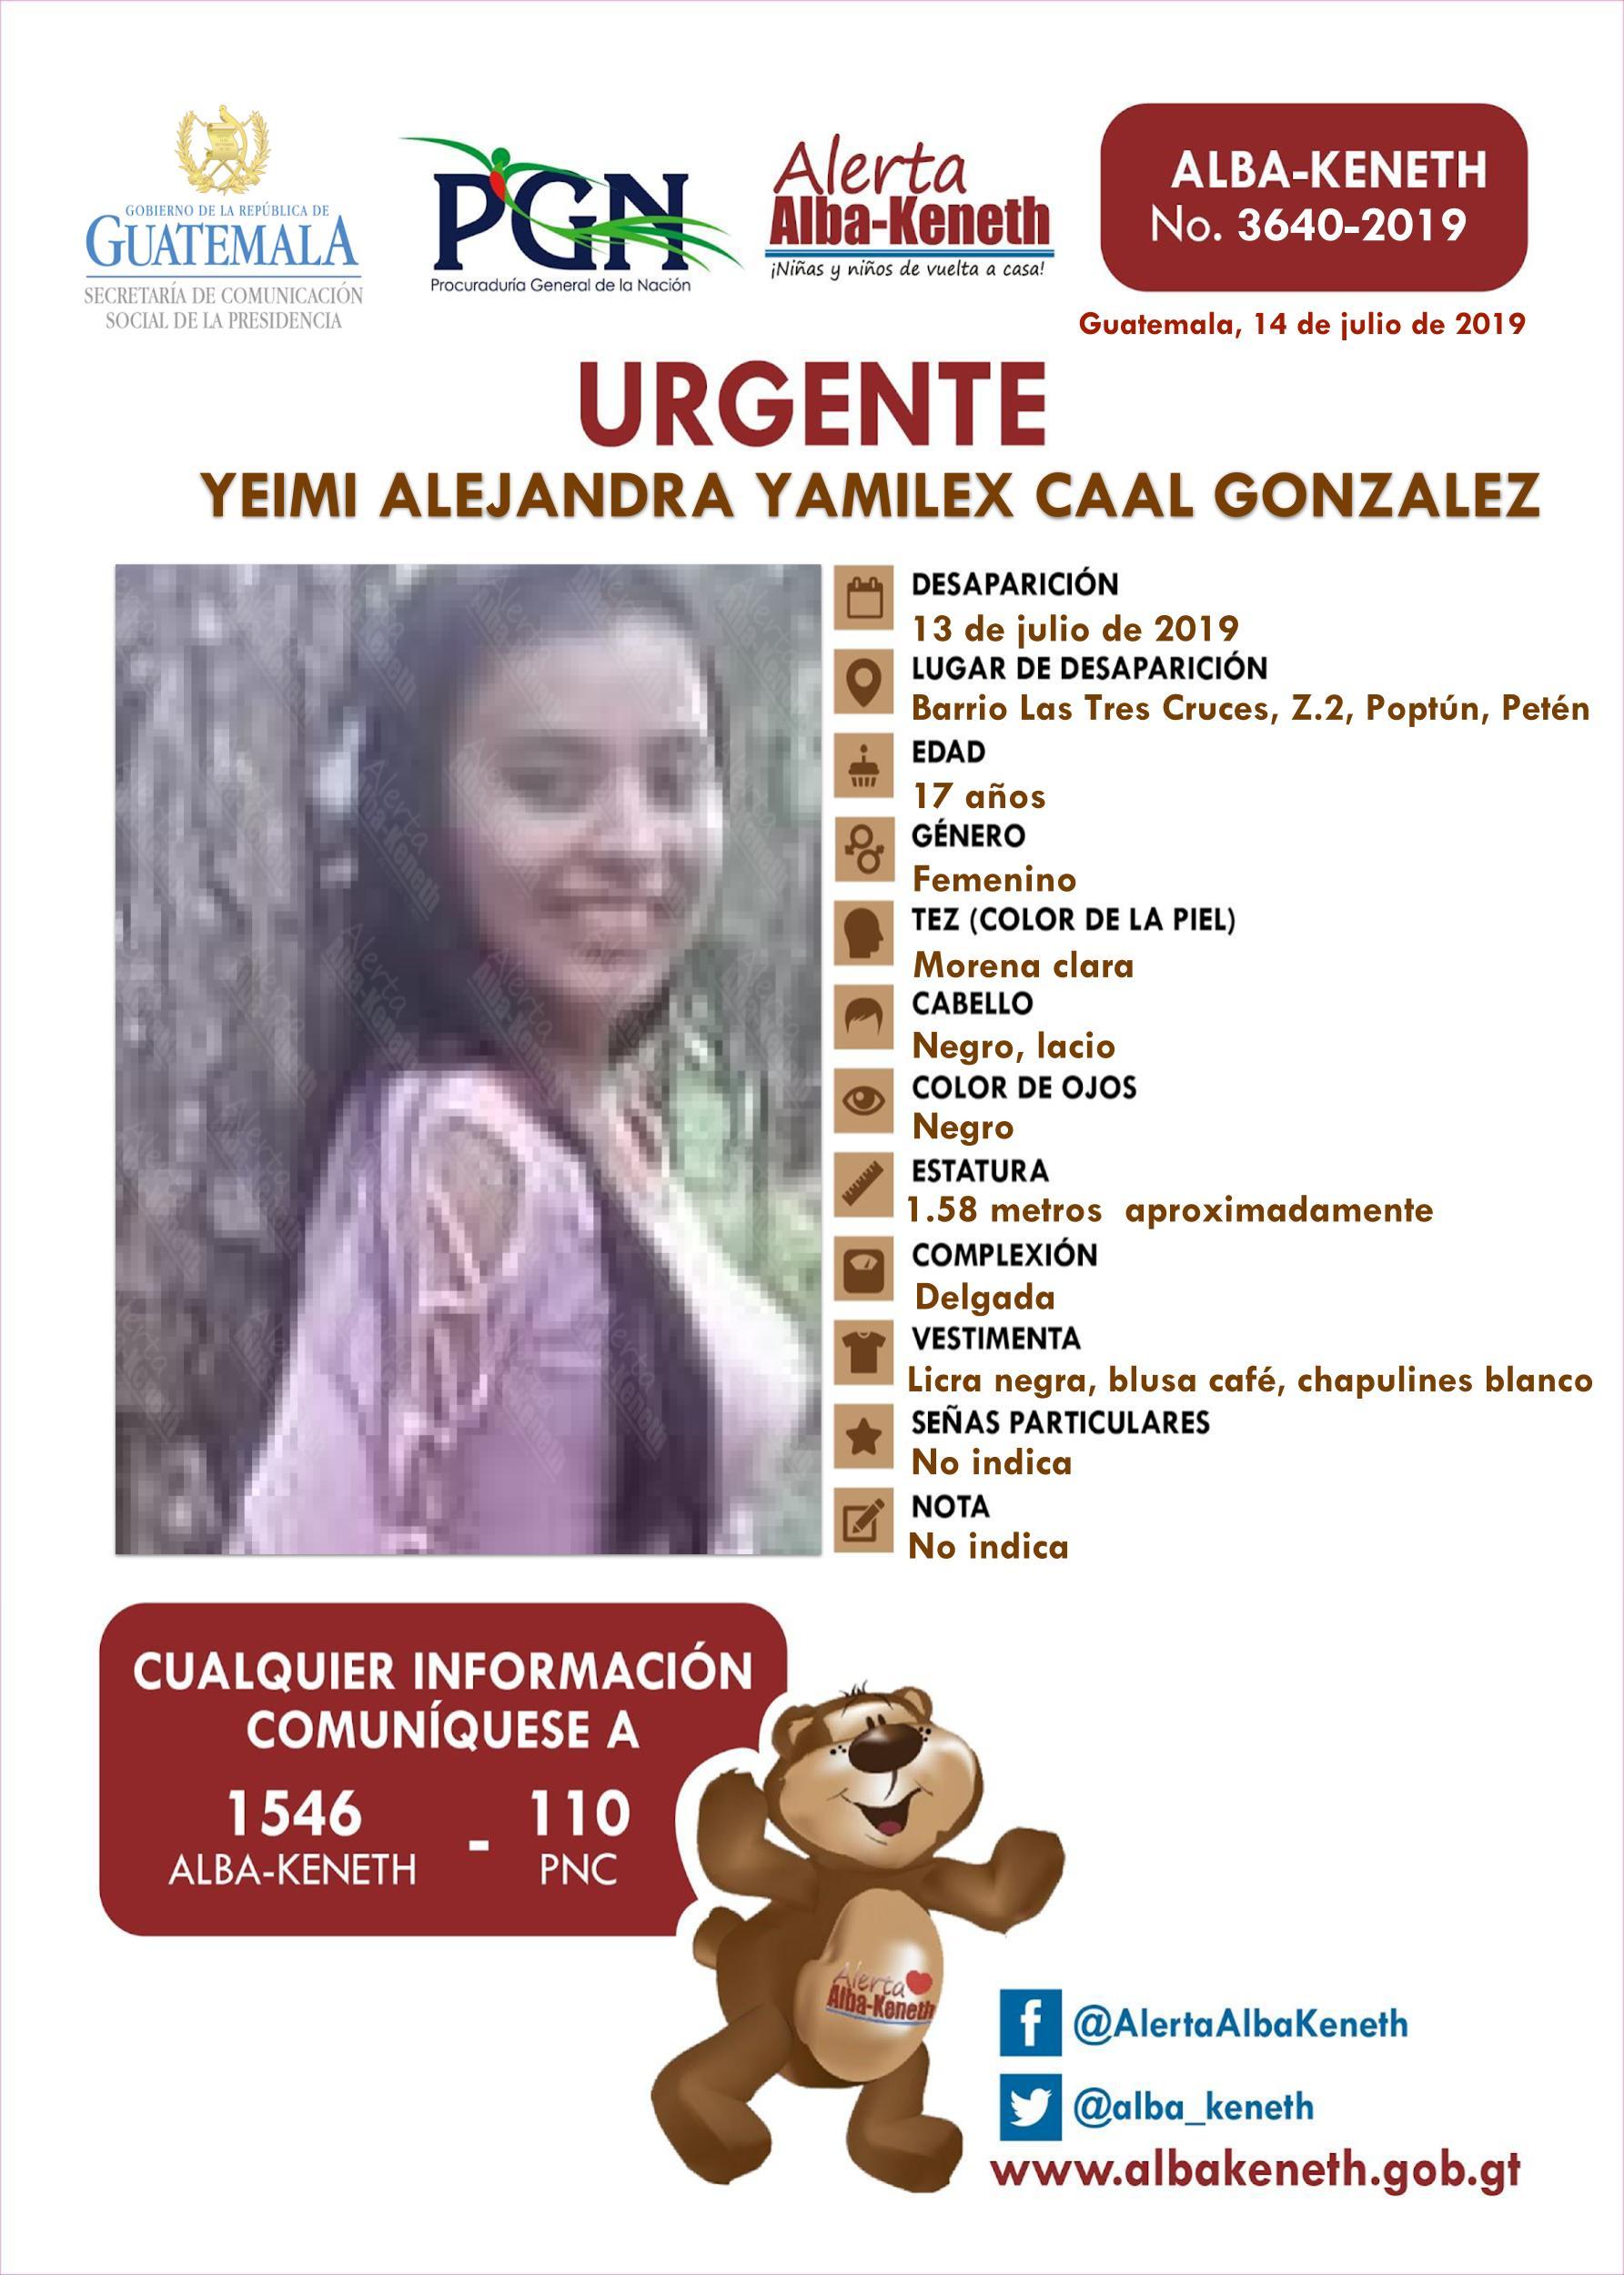 Yeimi Alejandra Yamilex Caal Gonzalez